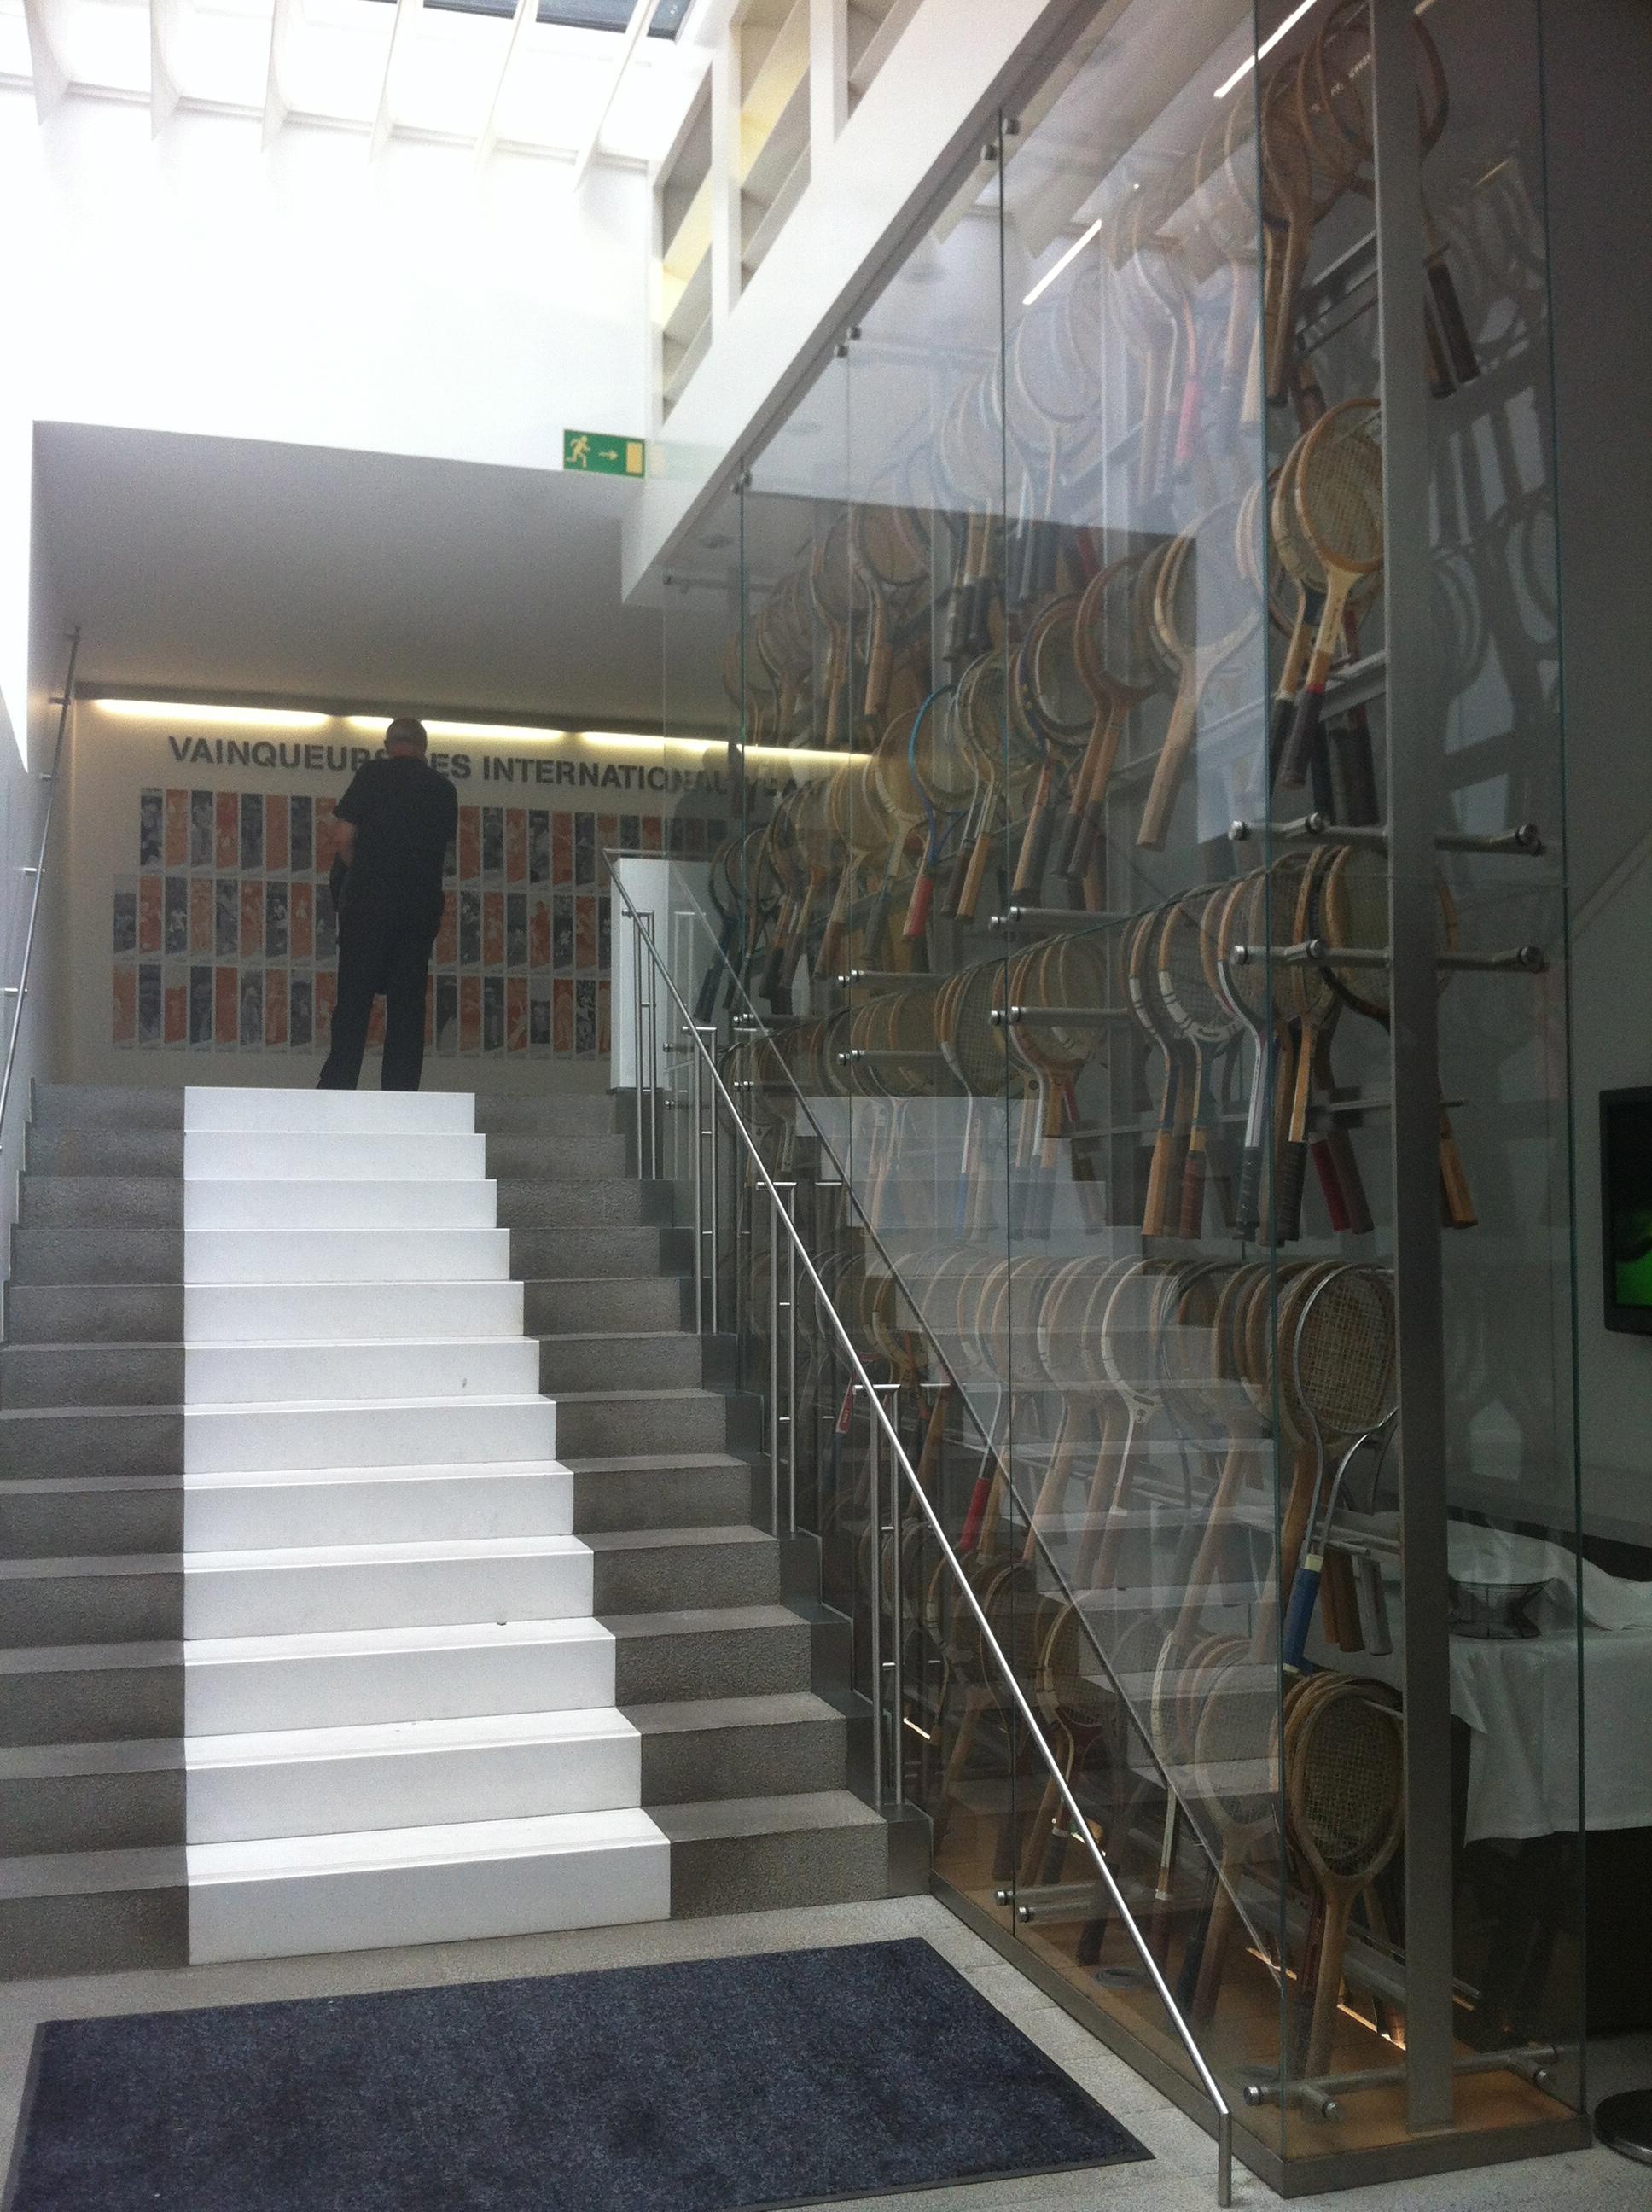 À droite, une vitrine de raquettes ; en haut, une mosaïque de photos réunissant tous les champions couronnés à Roland Garros.